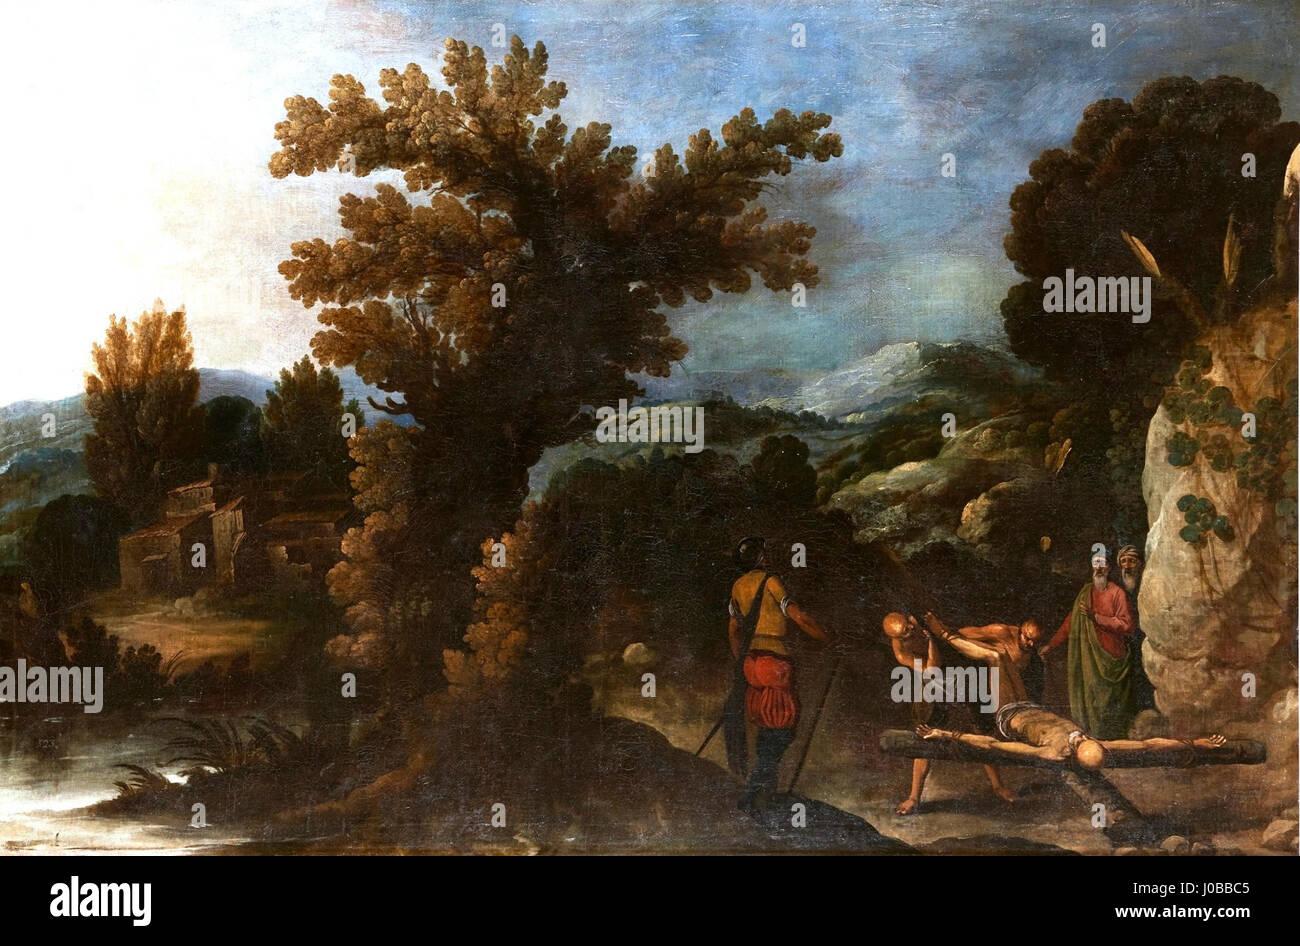 Paisaje con la crucifixión de San Pedro, de Francisco Collantes (Museo del Prado) - Stock Image